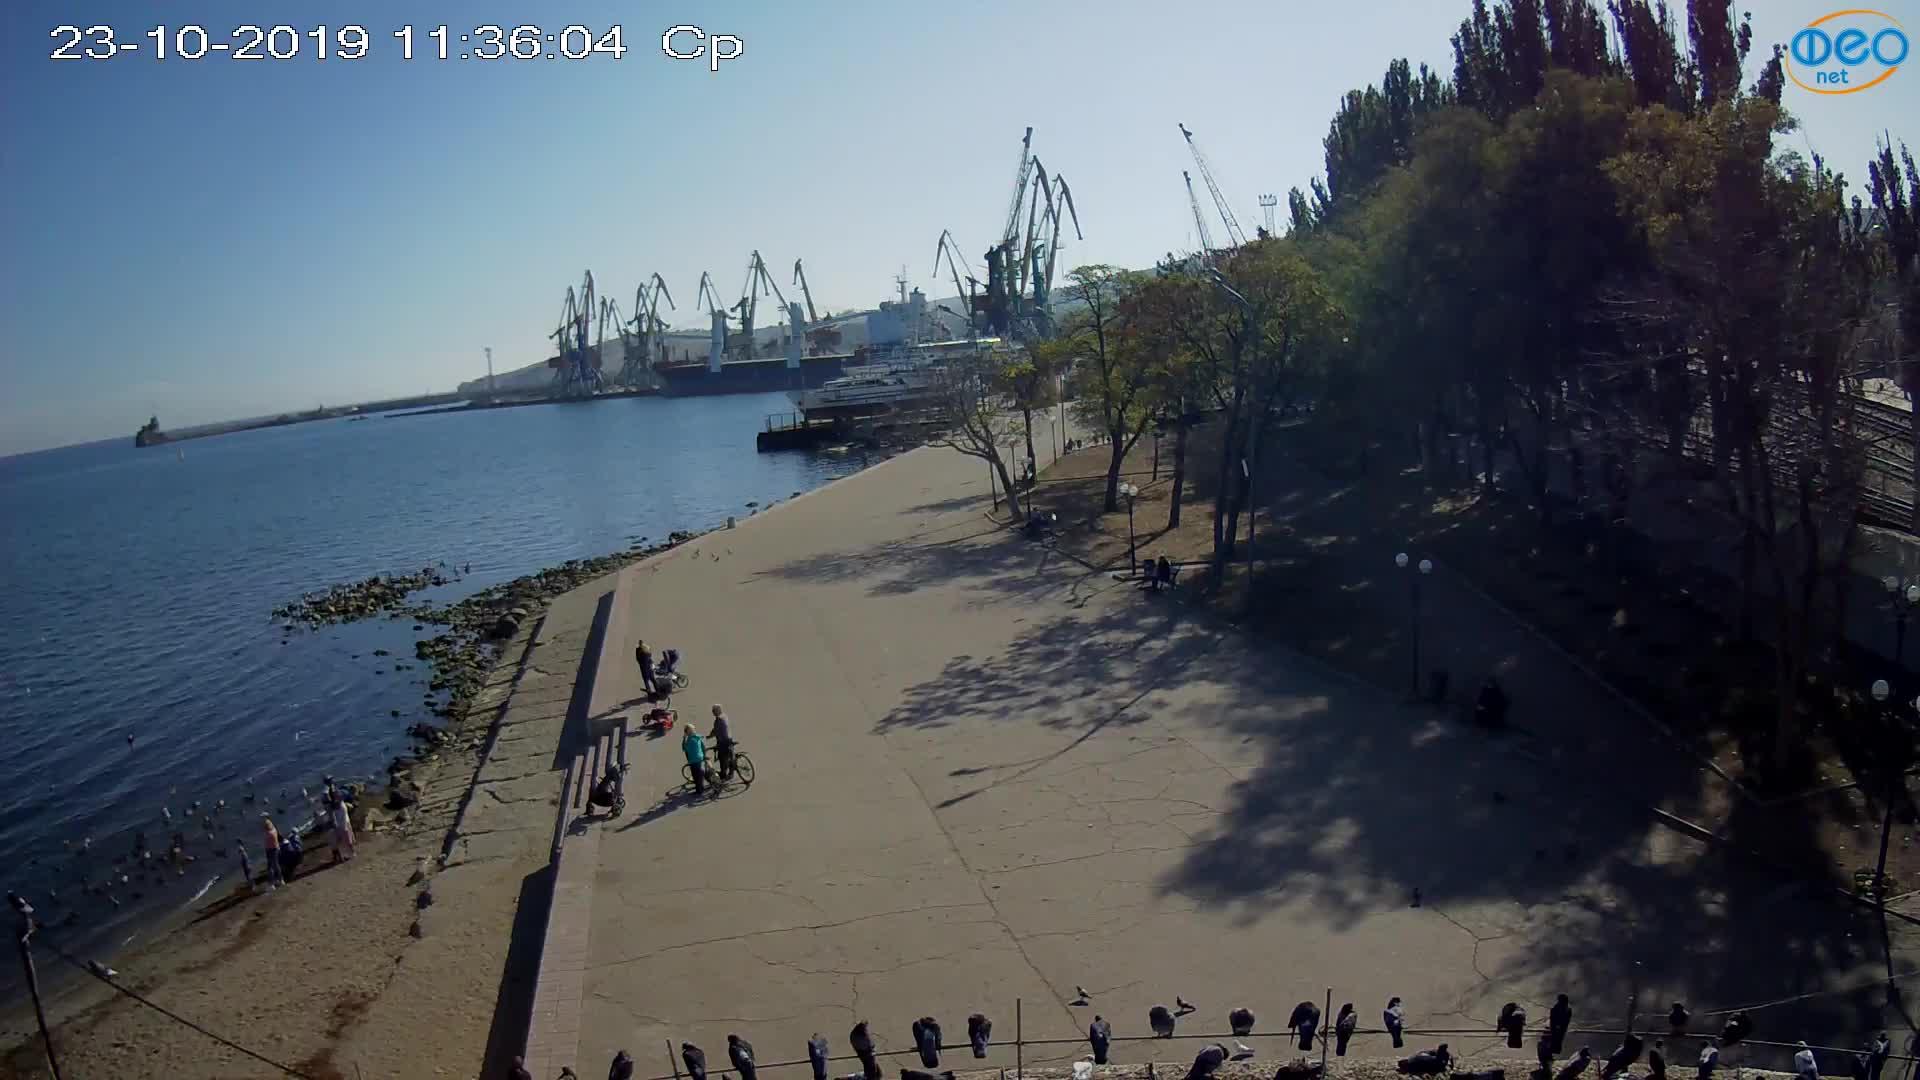 Веб-камеры Феодосии, Набережная Десантников, 2019-10-23 11:36:15